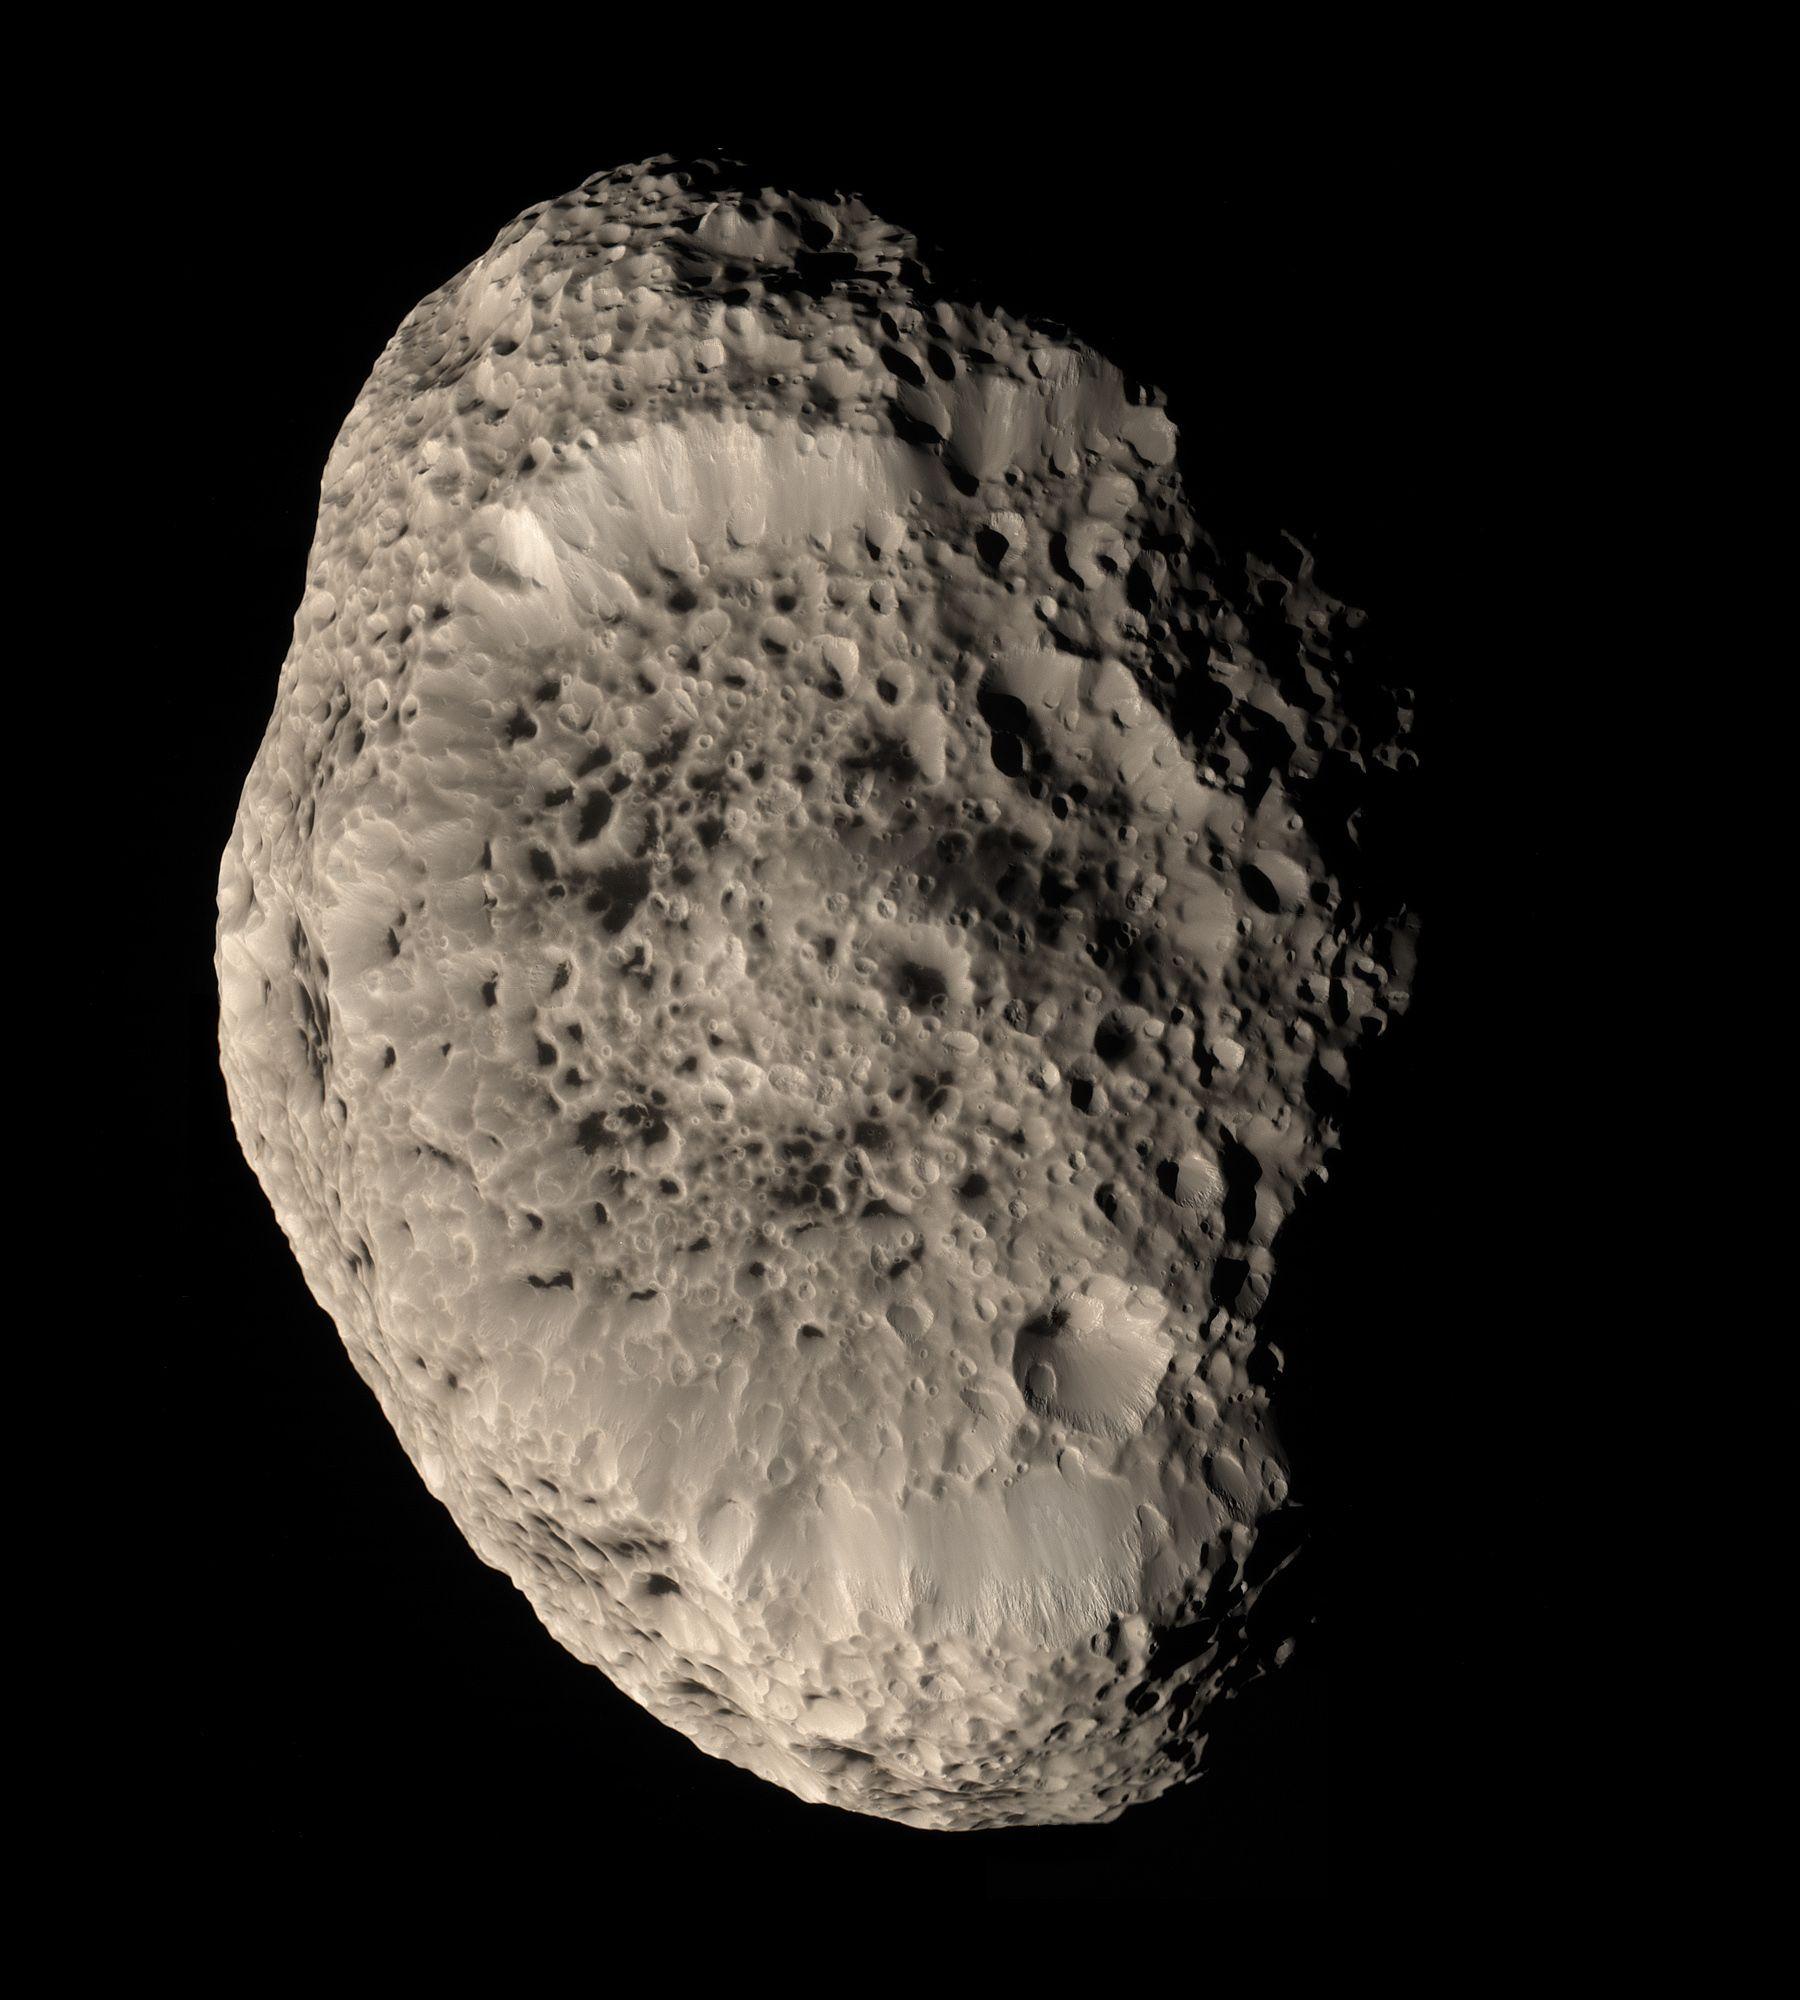 Imagen a color real de Hiperión, luna irregular de Saturno.